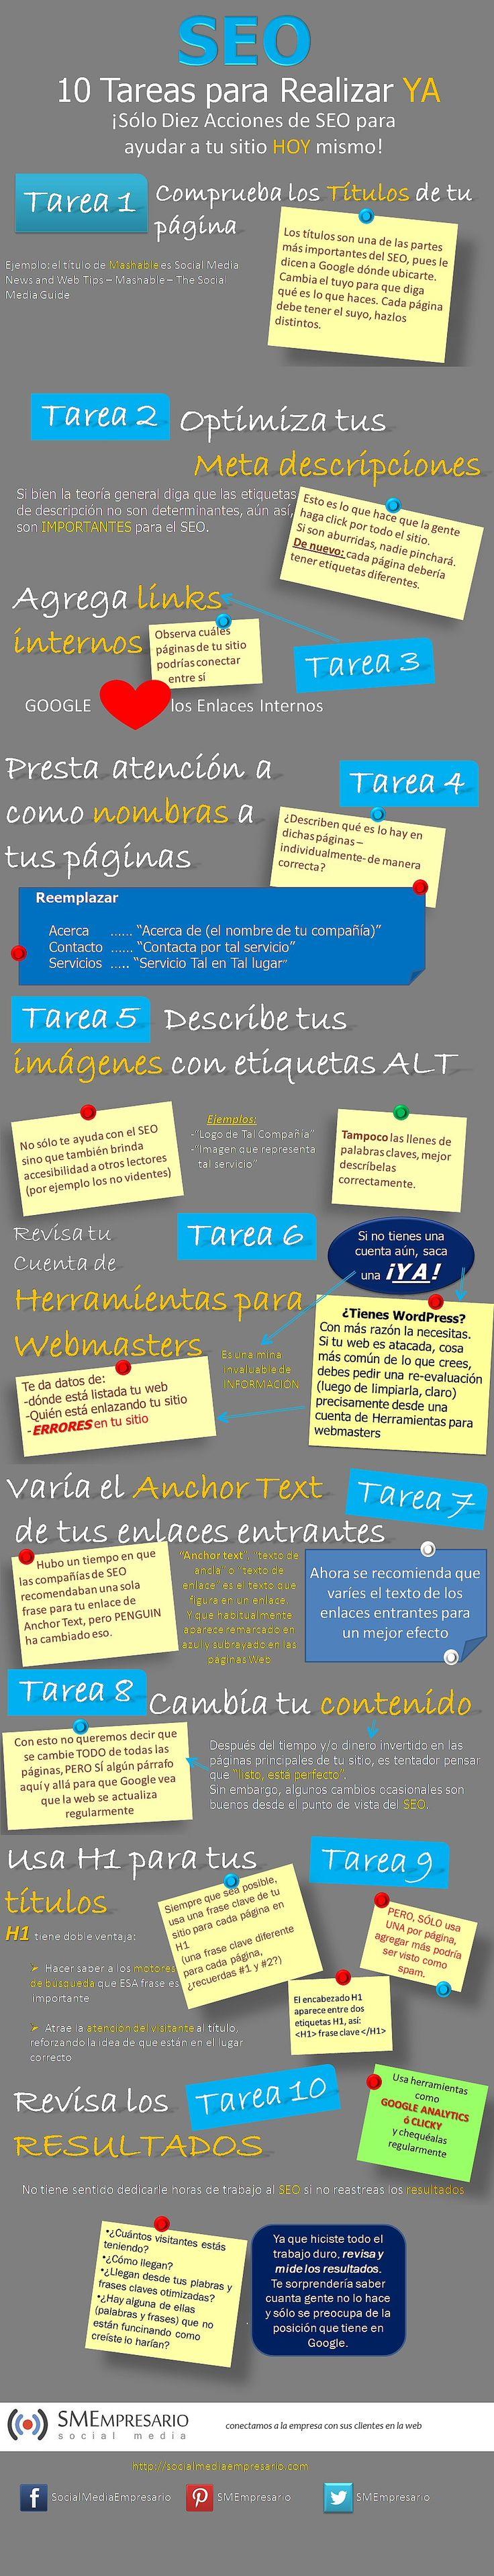 10 Tareas #SEO que tu web necesita. #Infografía en español